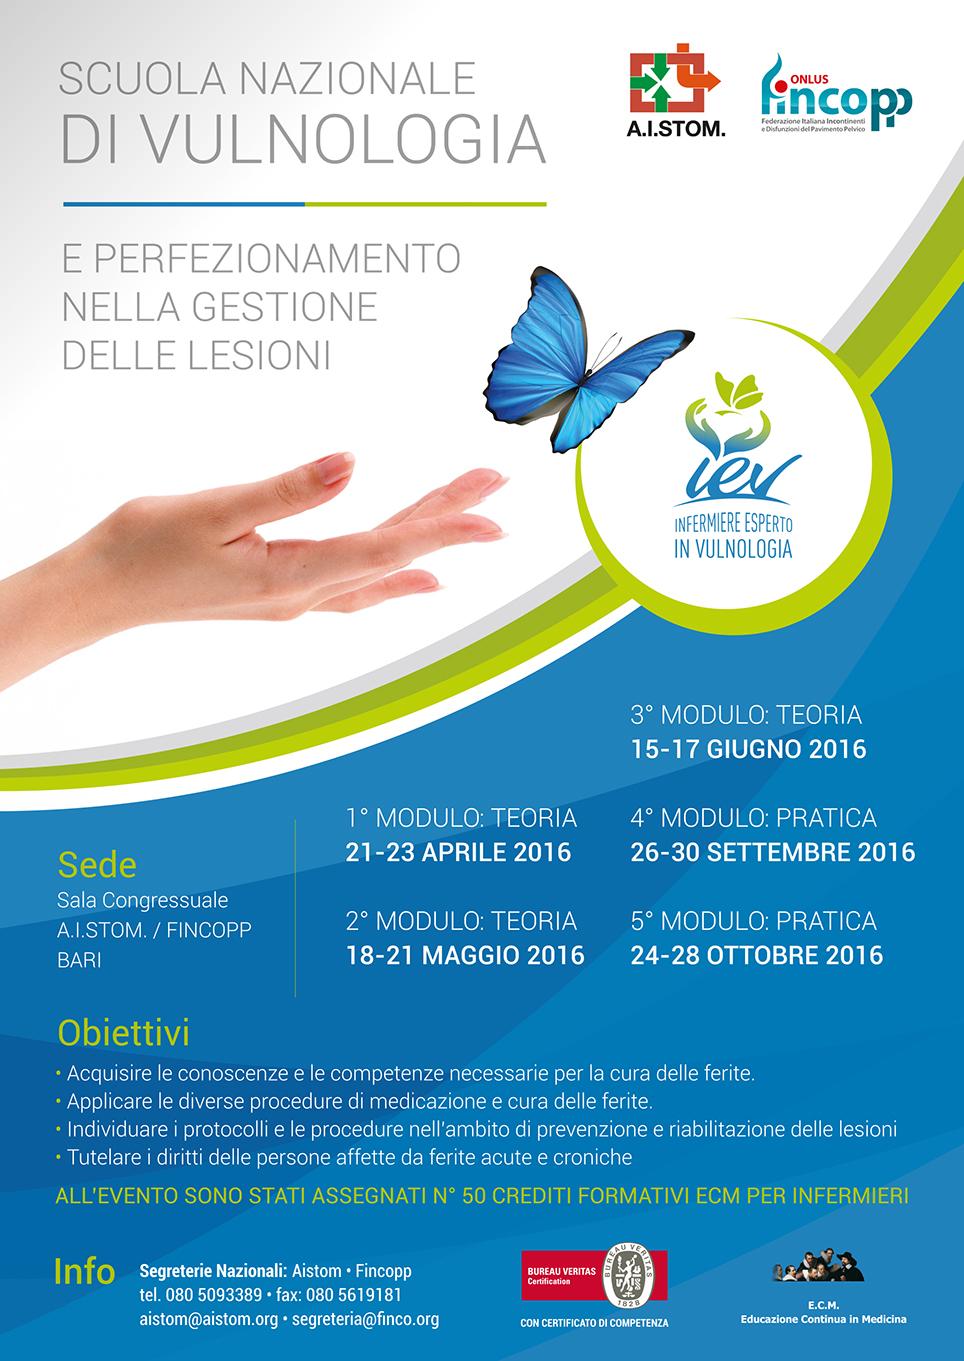 Scuola nazionale di vulnologia - Locandina